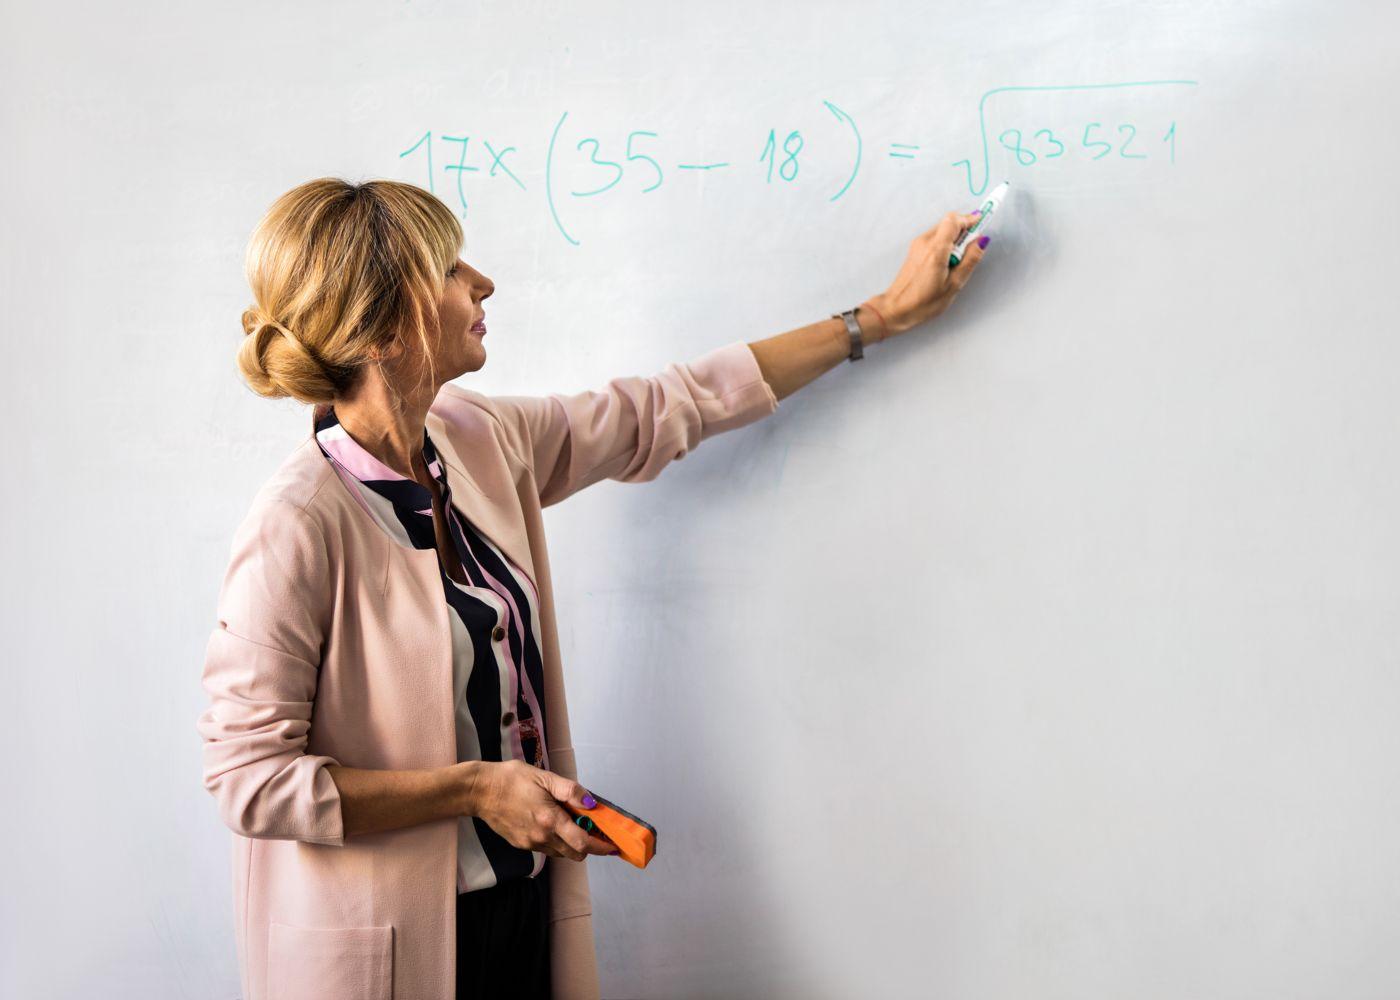 professora de matemática a escrever equação no quadro